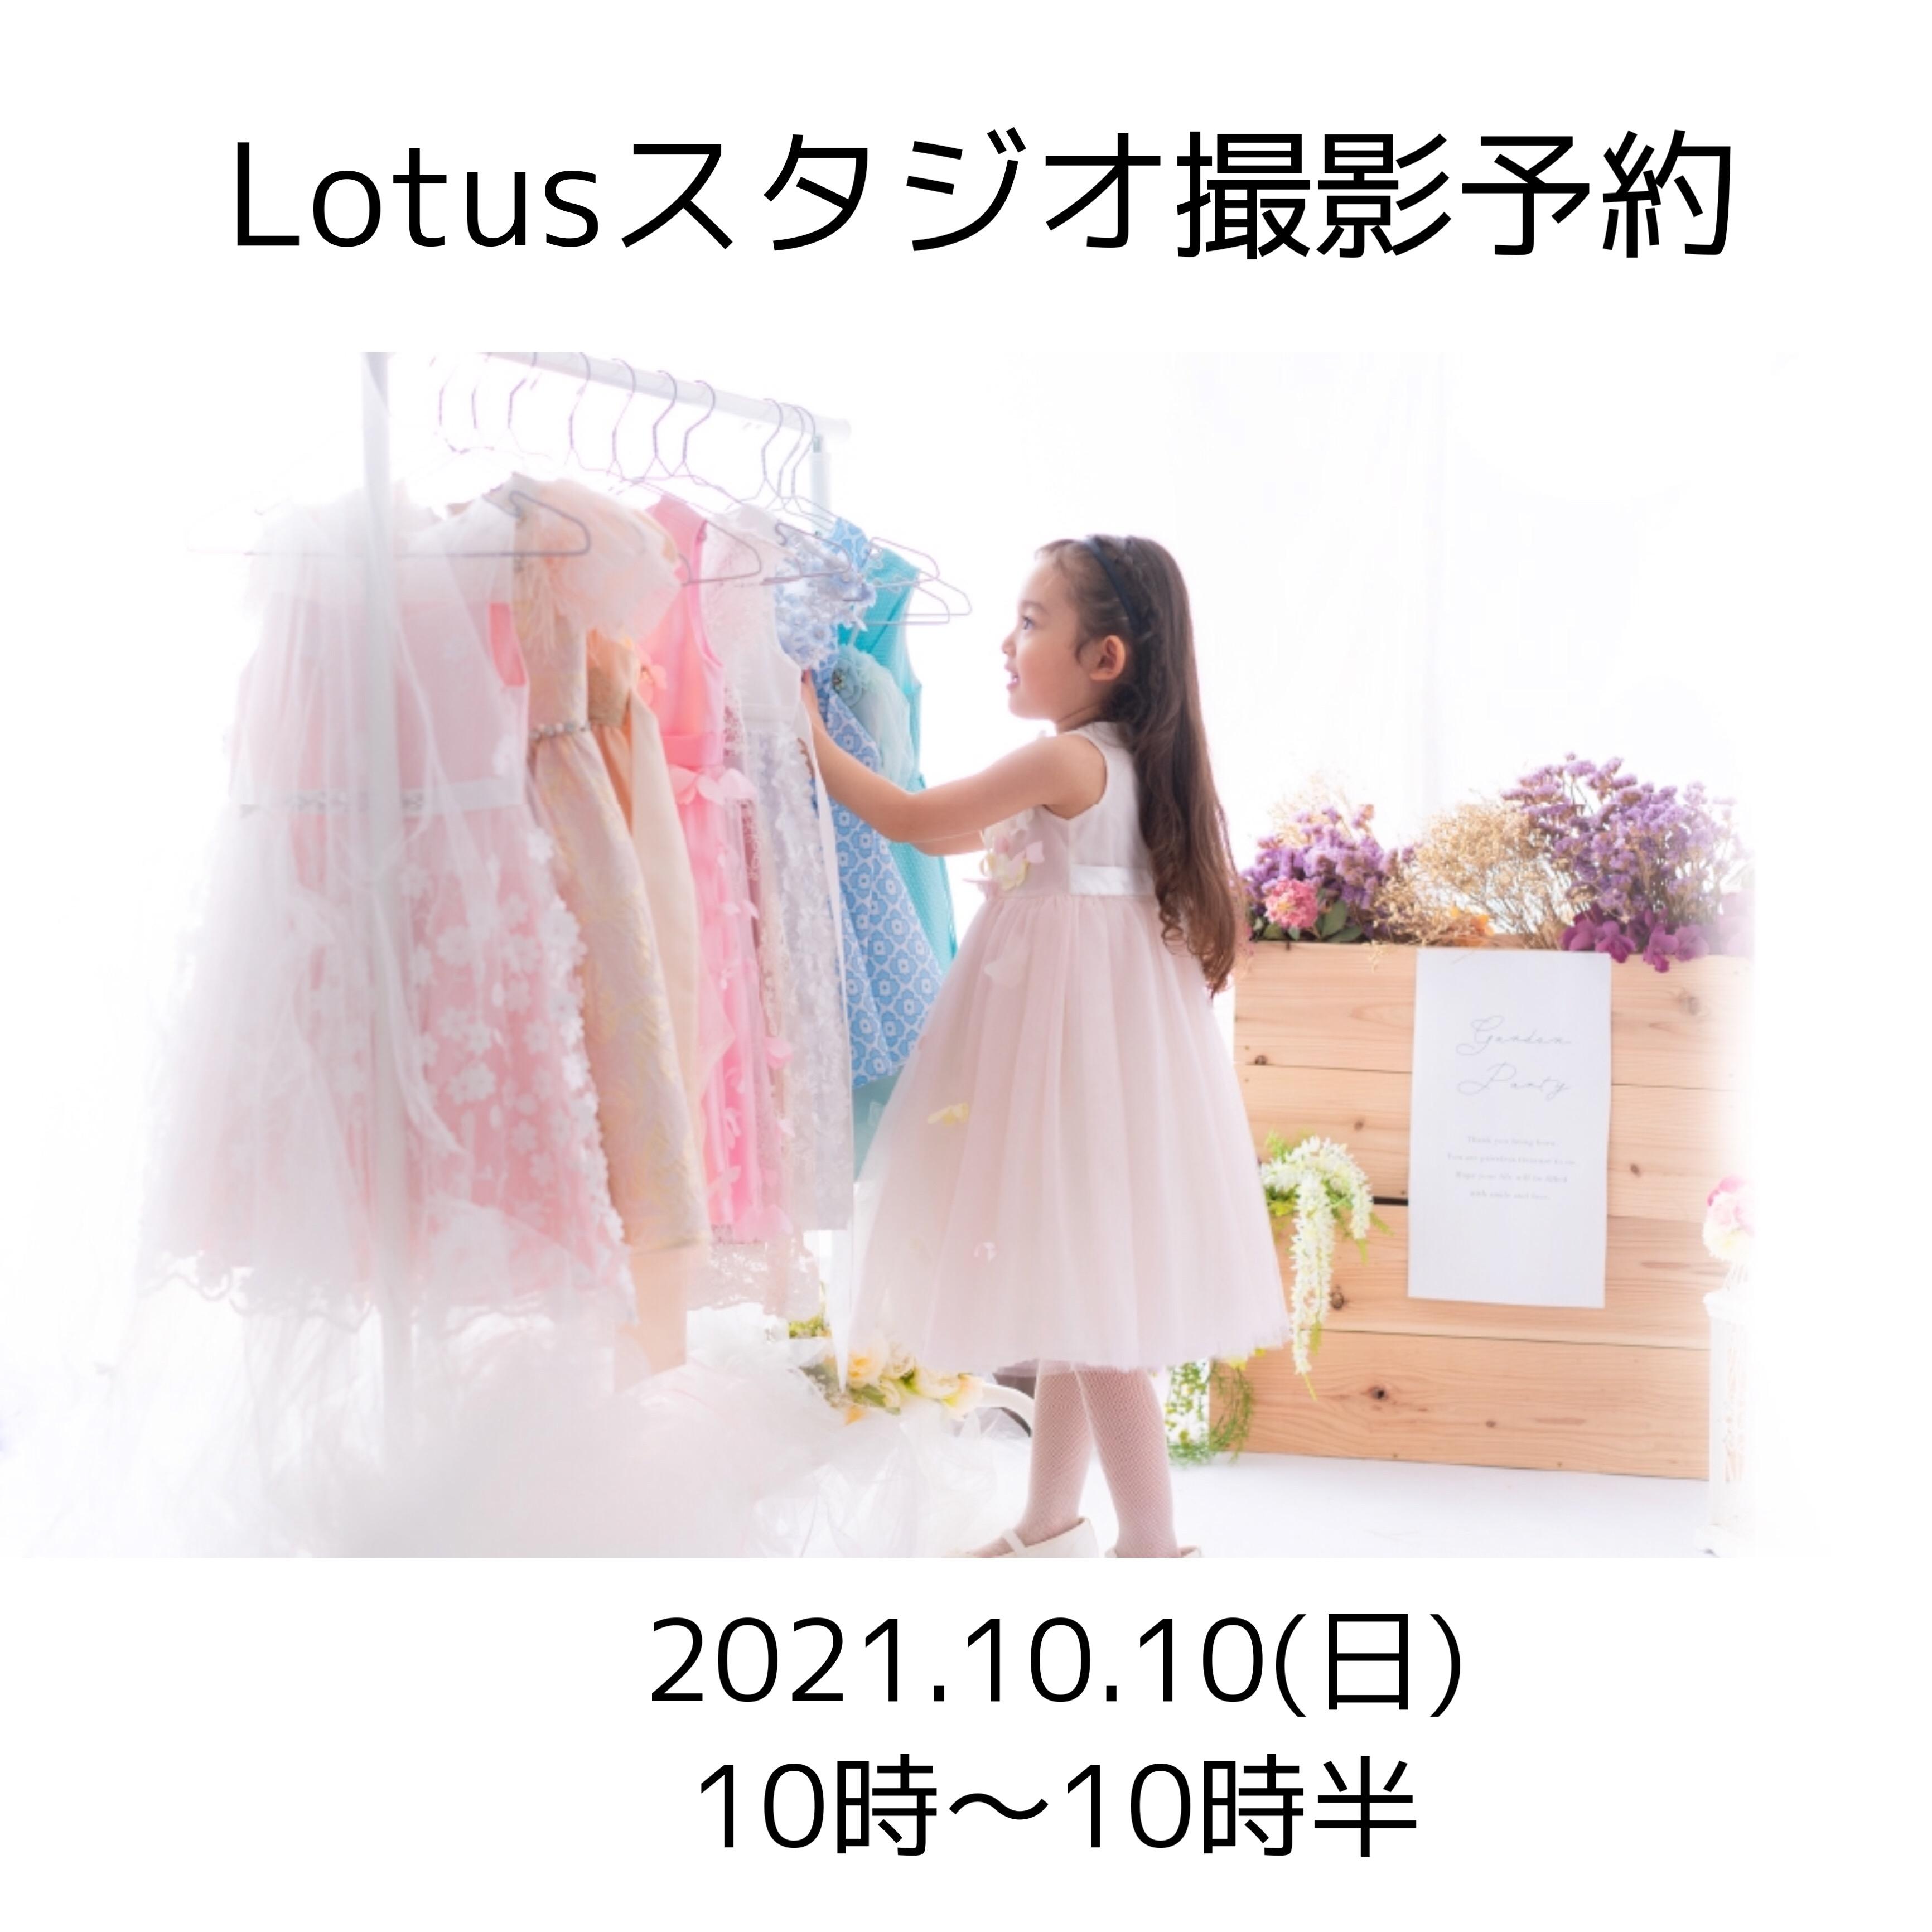 販売終了・スタジオLotus/GardenParty撮影プラン2021.10.10(日)10時~10時半